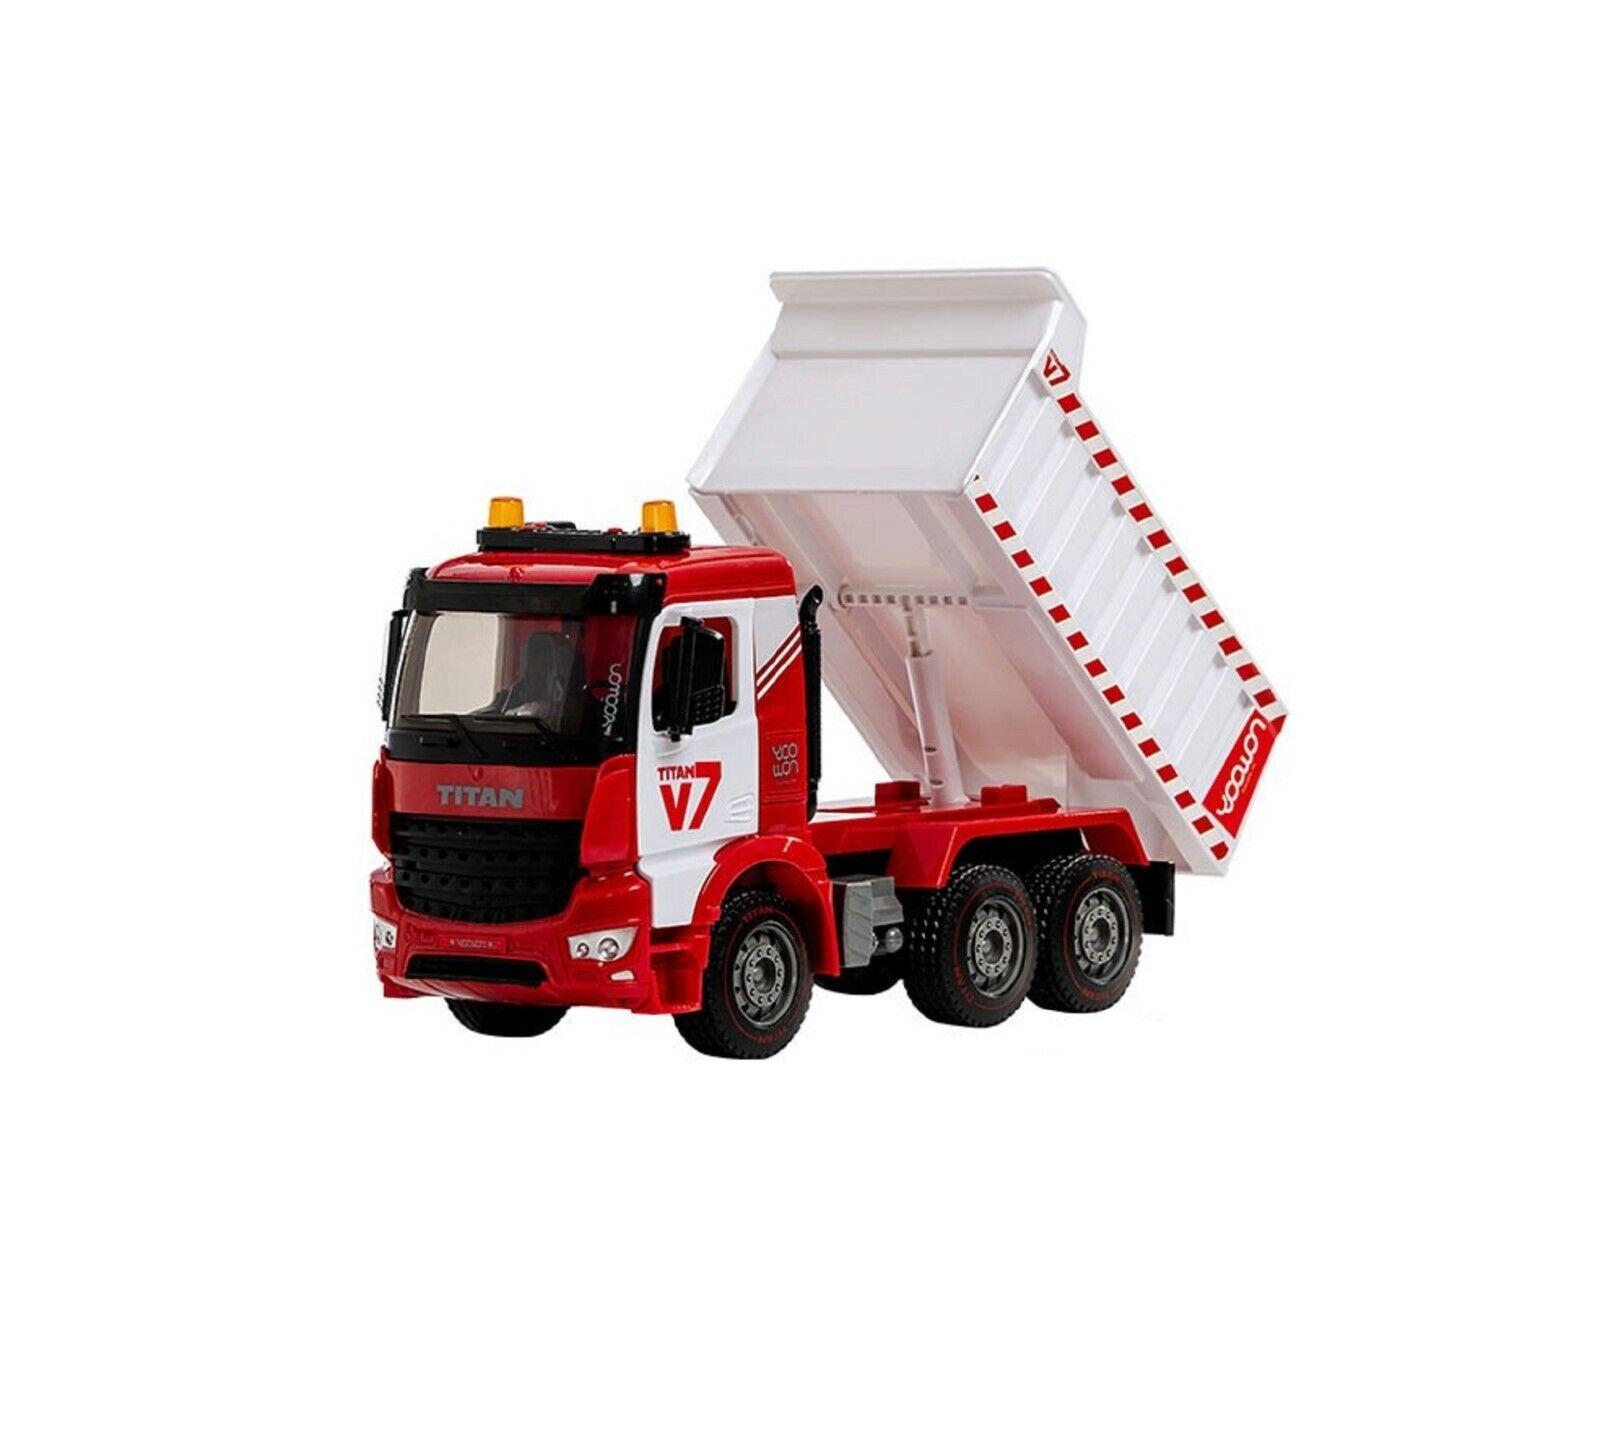 Yoowon Juguetes Titan V7 Camión Coche Vehículo Construcción Juguete de equipo pesado